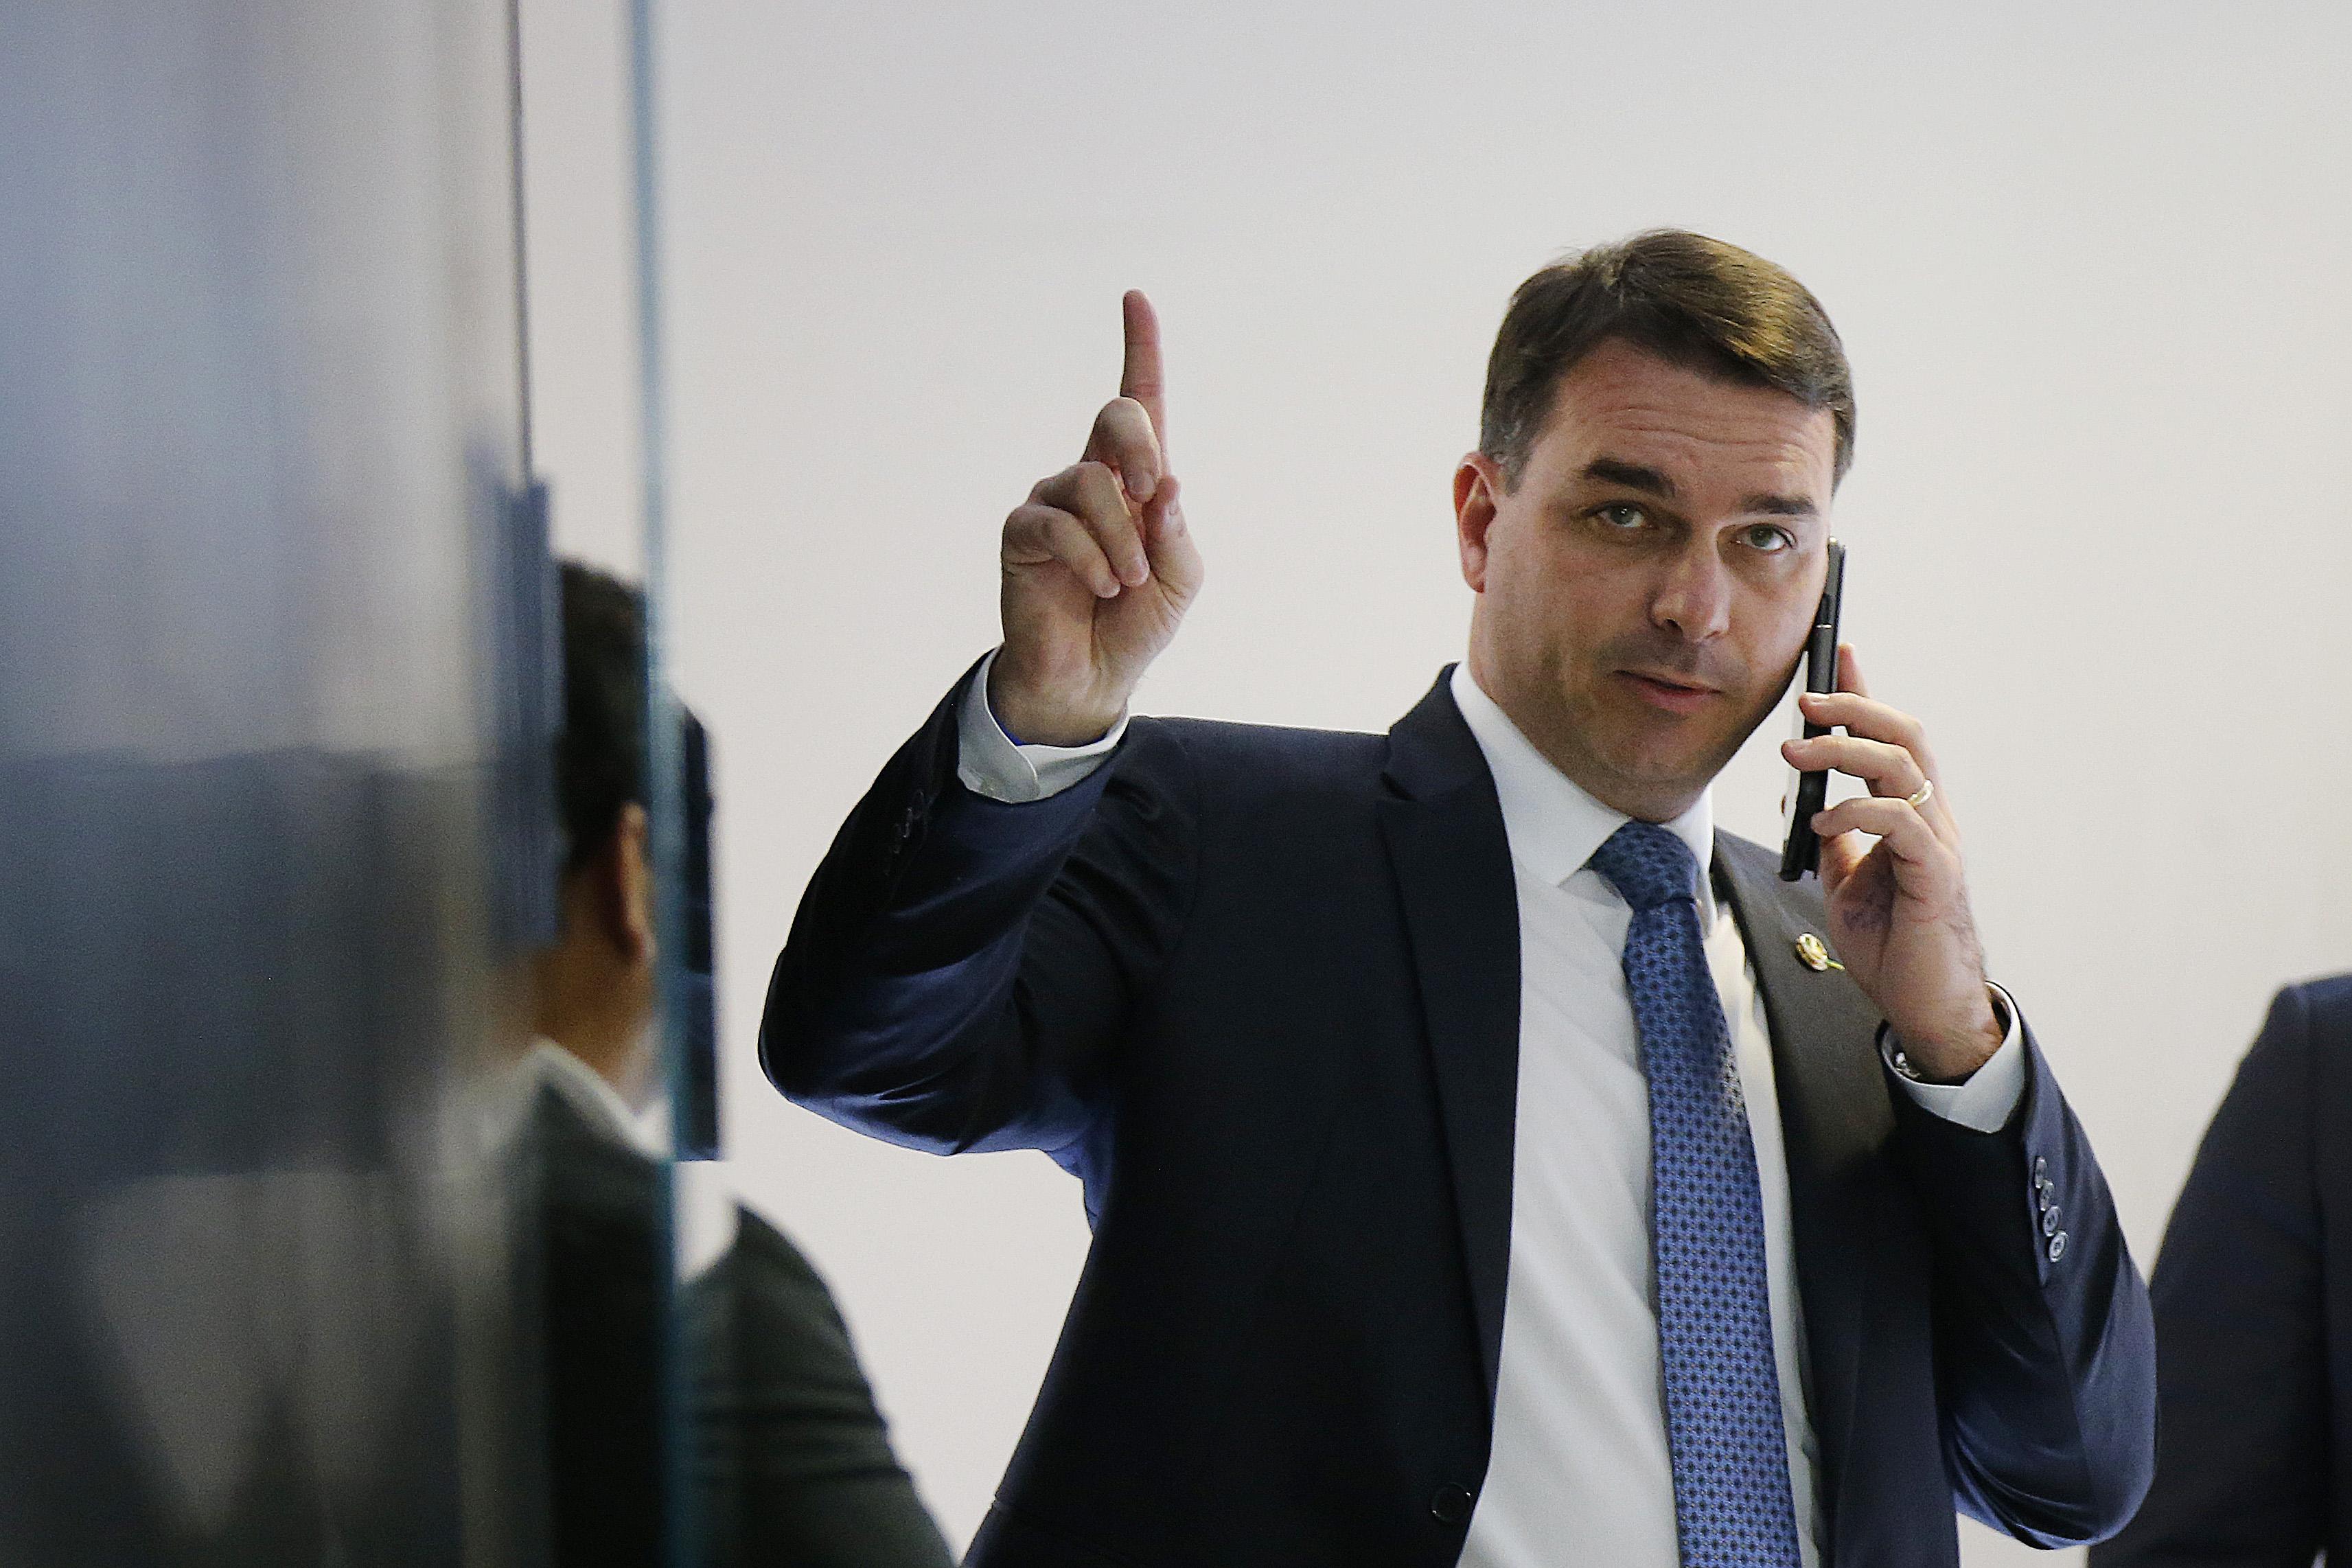 Justiça nega quebra de sigilo telefônico de assessores de Flávio Bolsonaro